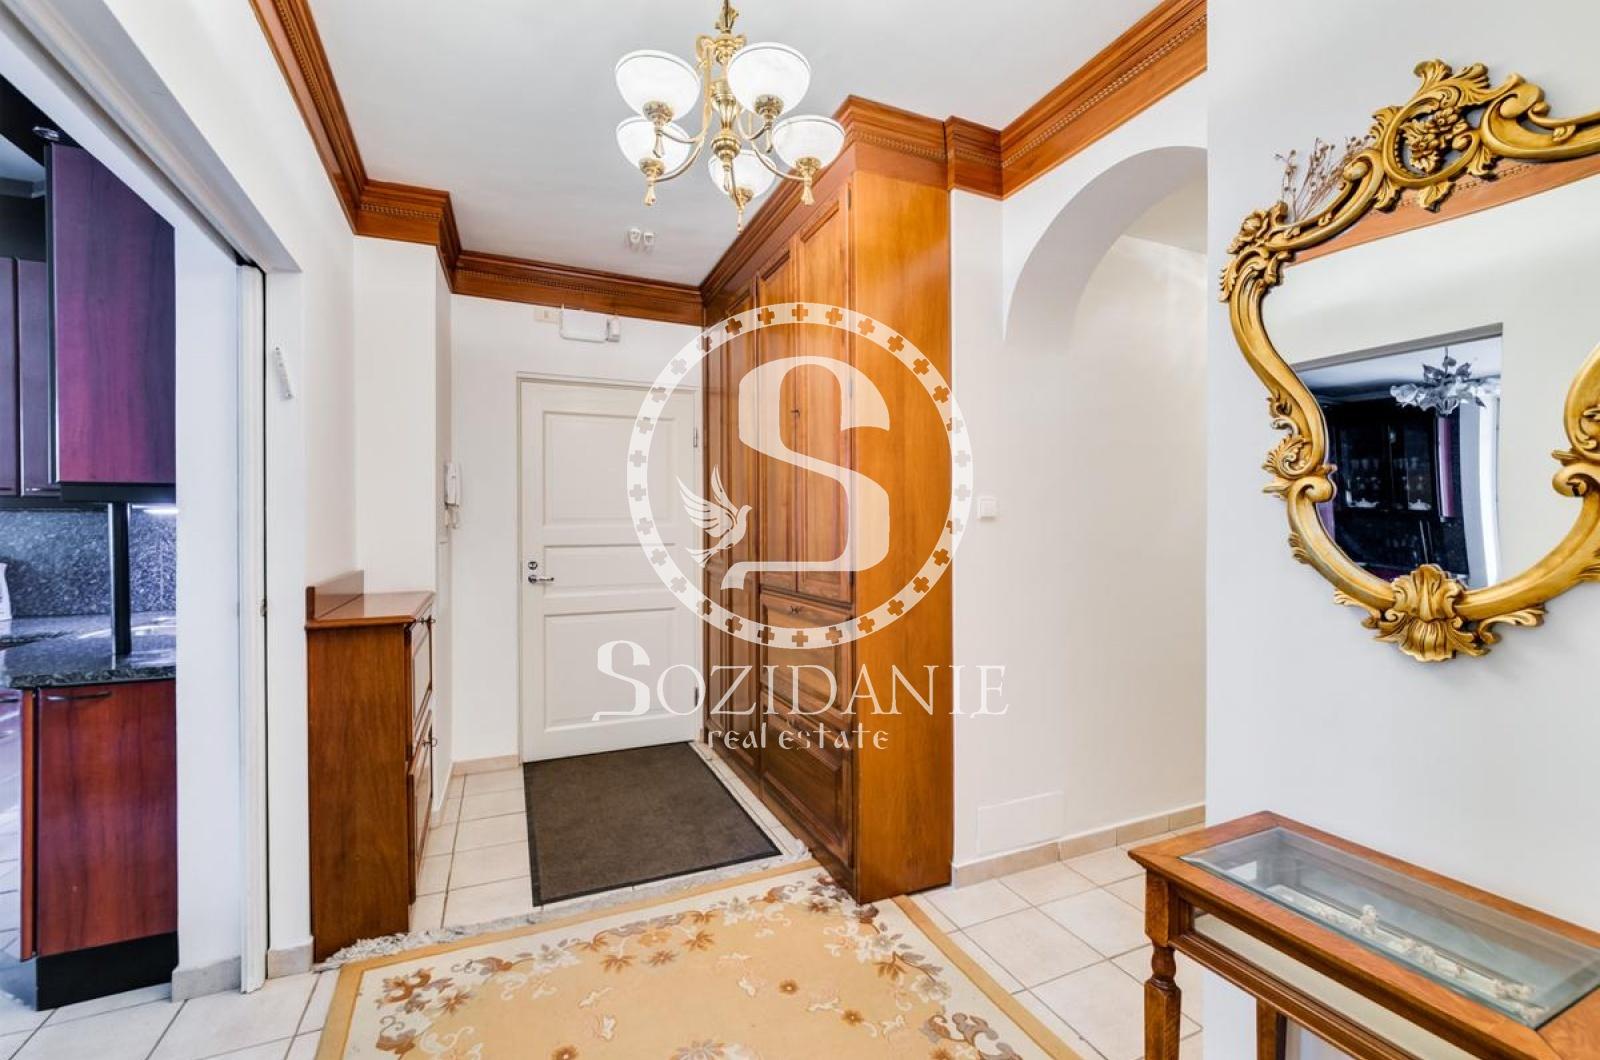 4 Комнаты, Городская, Продажа, Весковский переулок, Listing ID 3411, Москва, Россия,